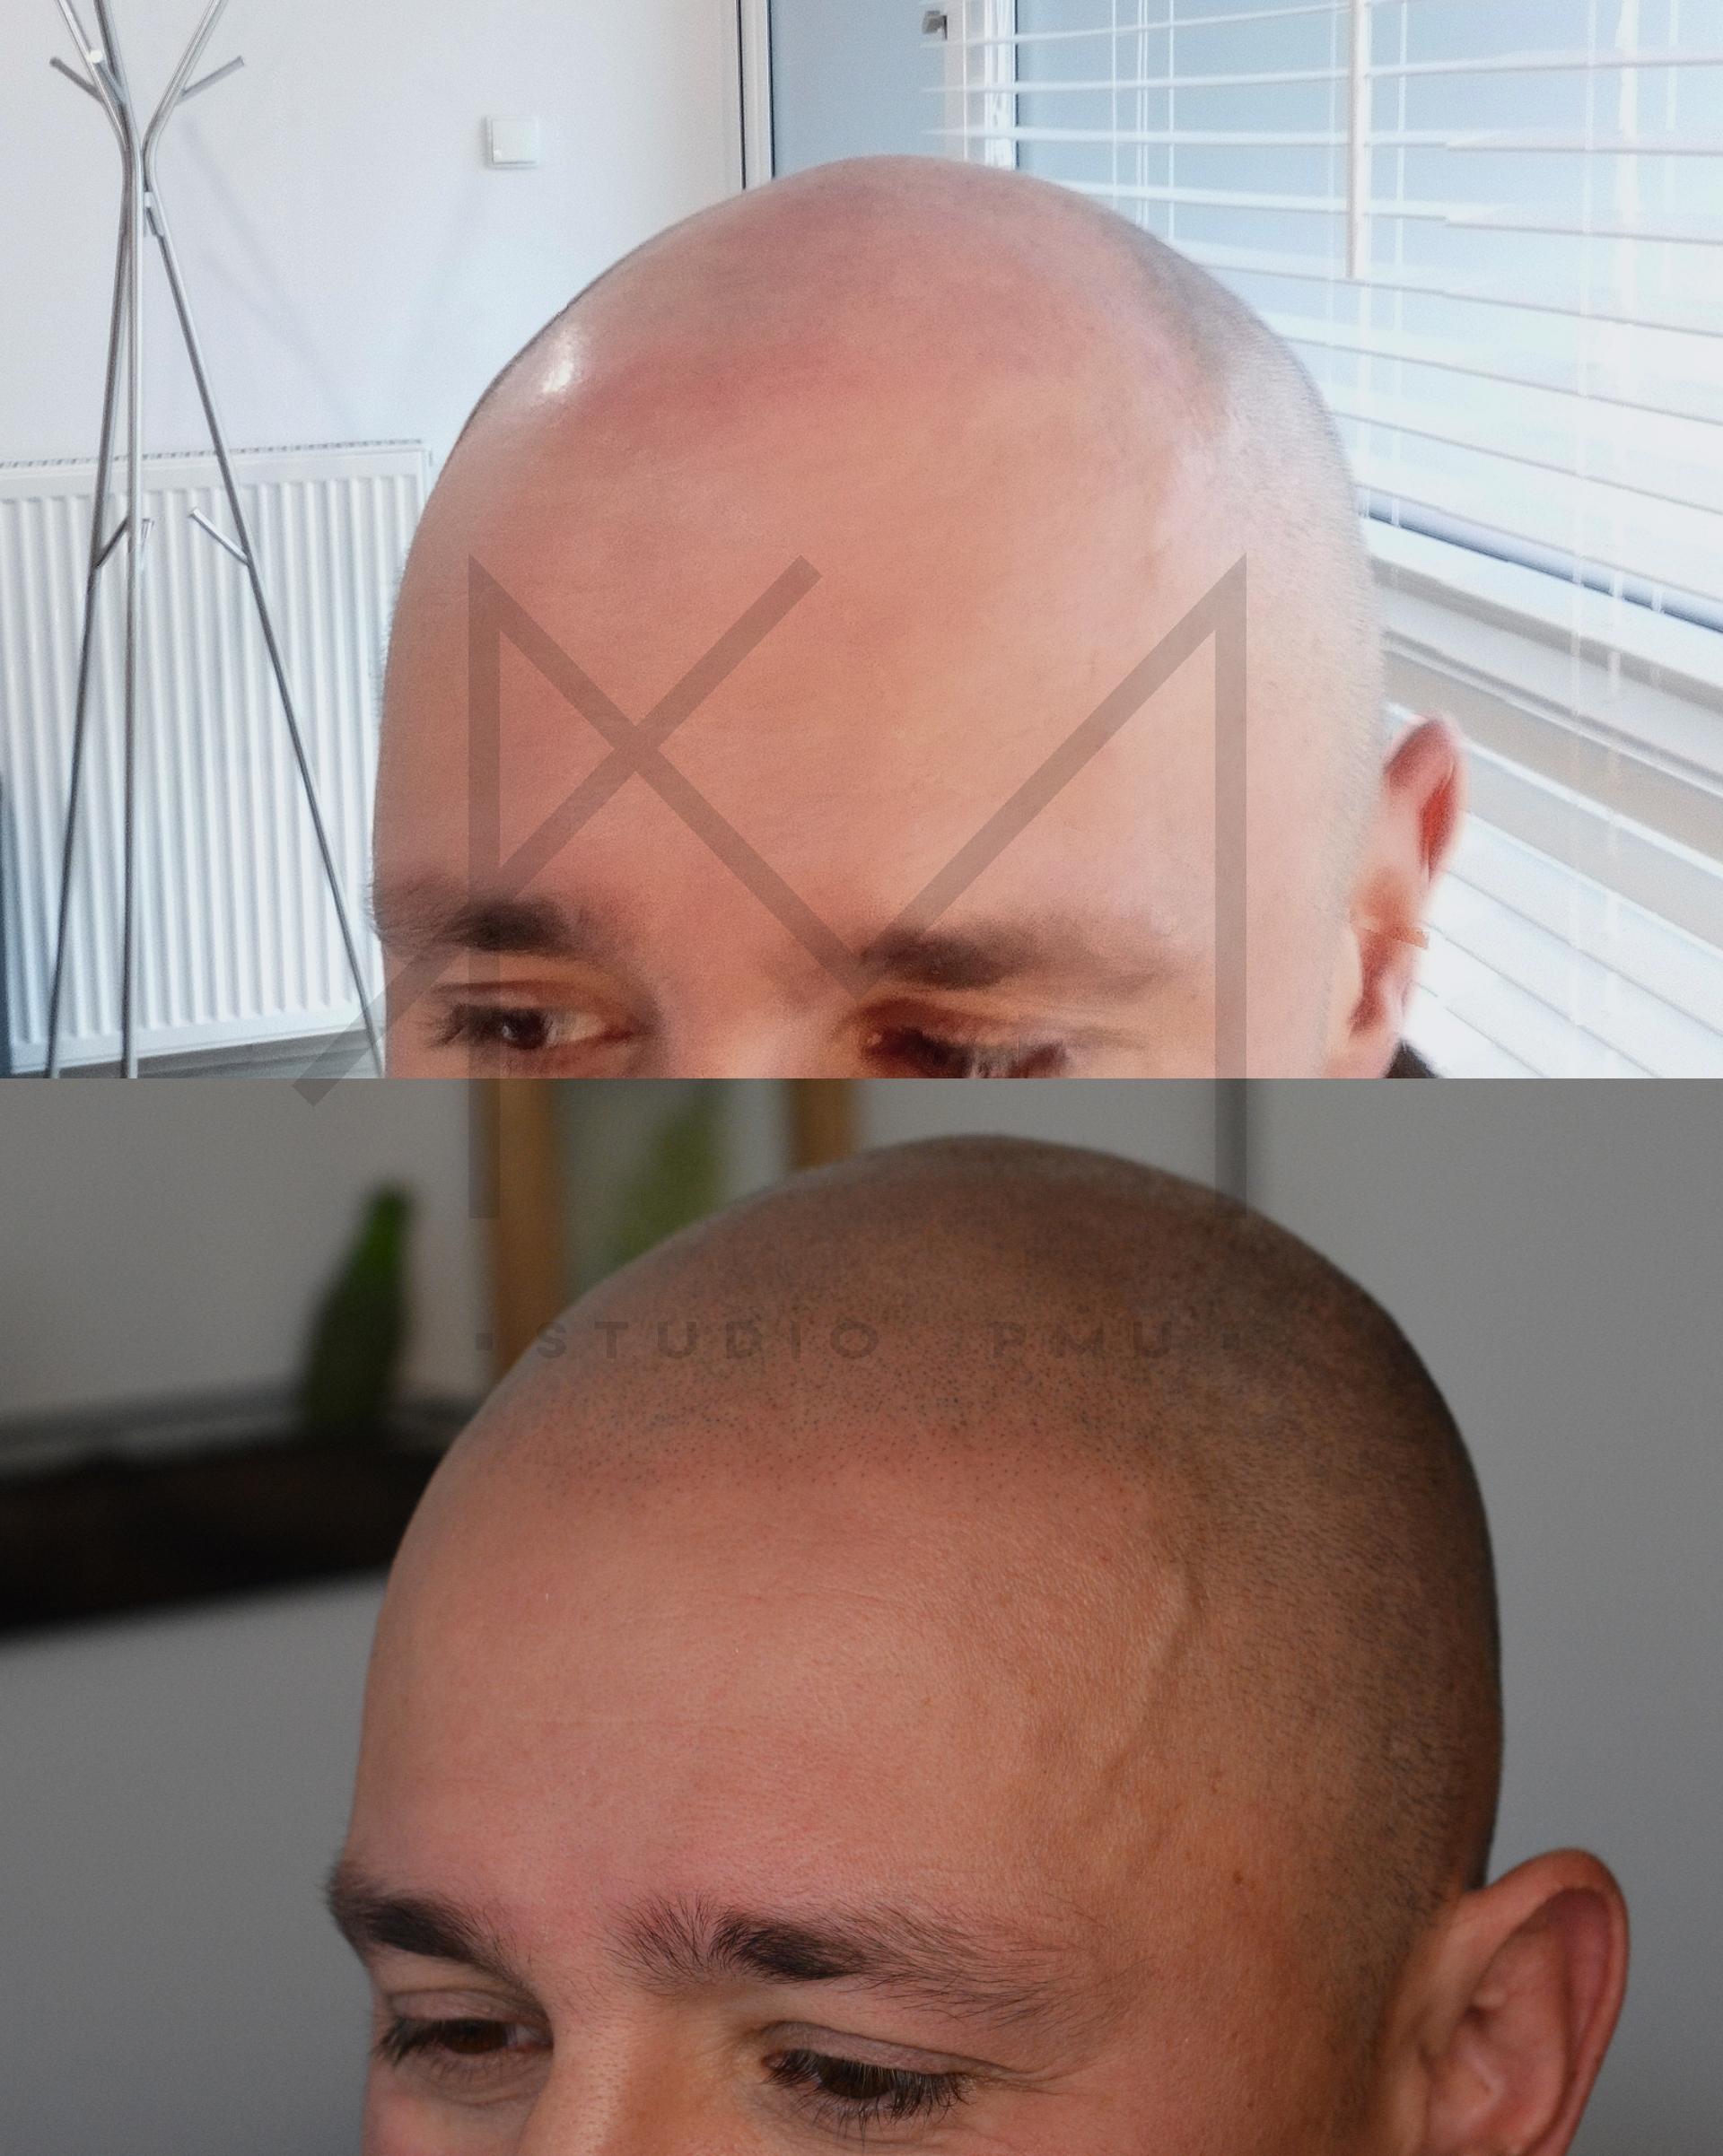 głowa z łysieniem androgenowym męskim